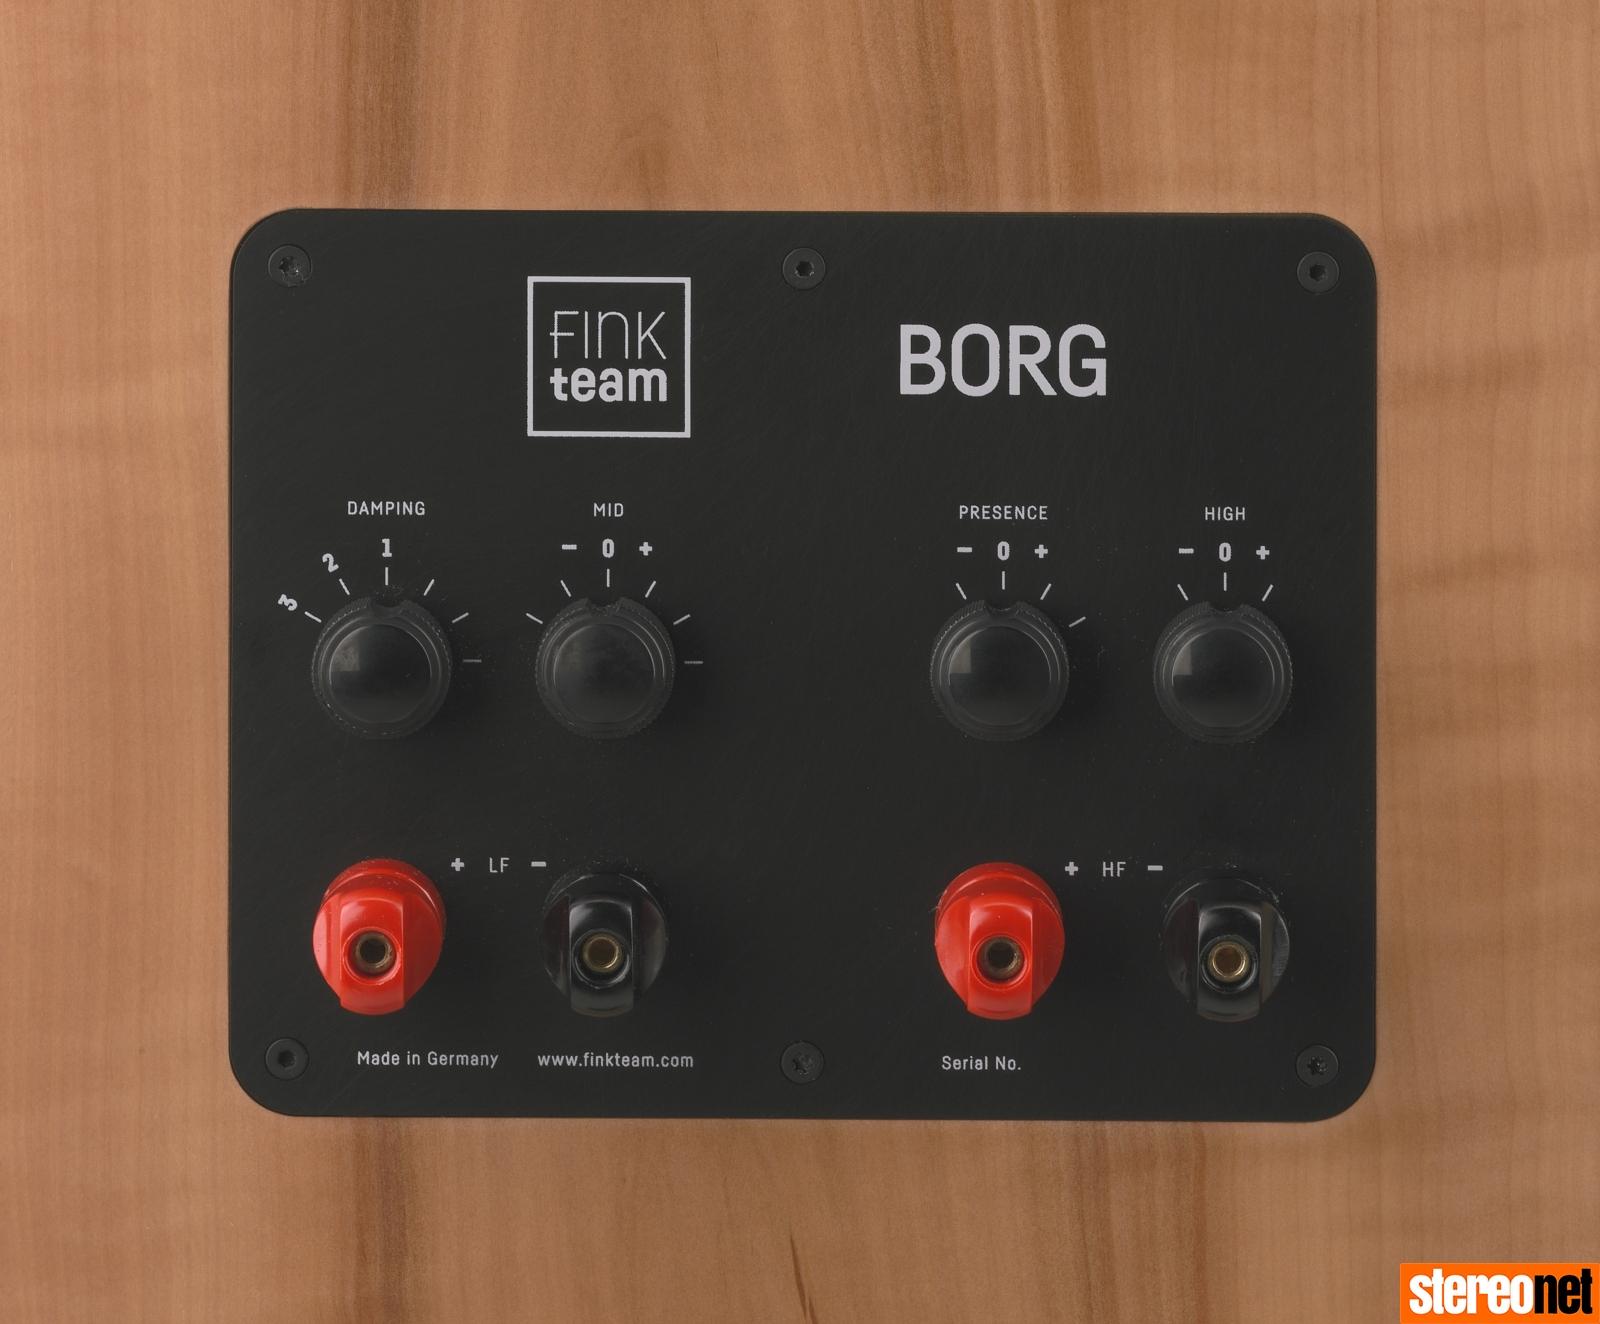 FinkTeam Borg